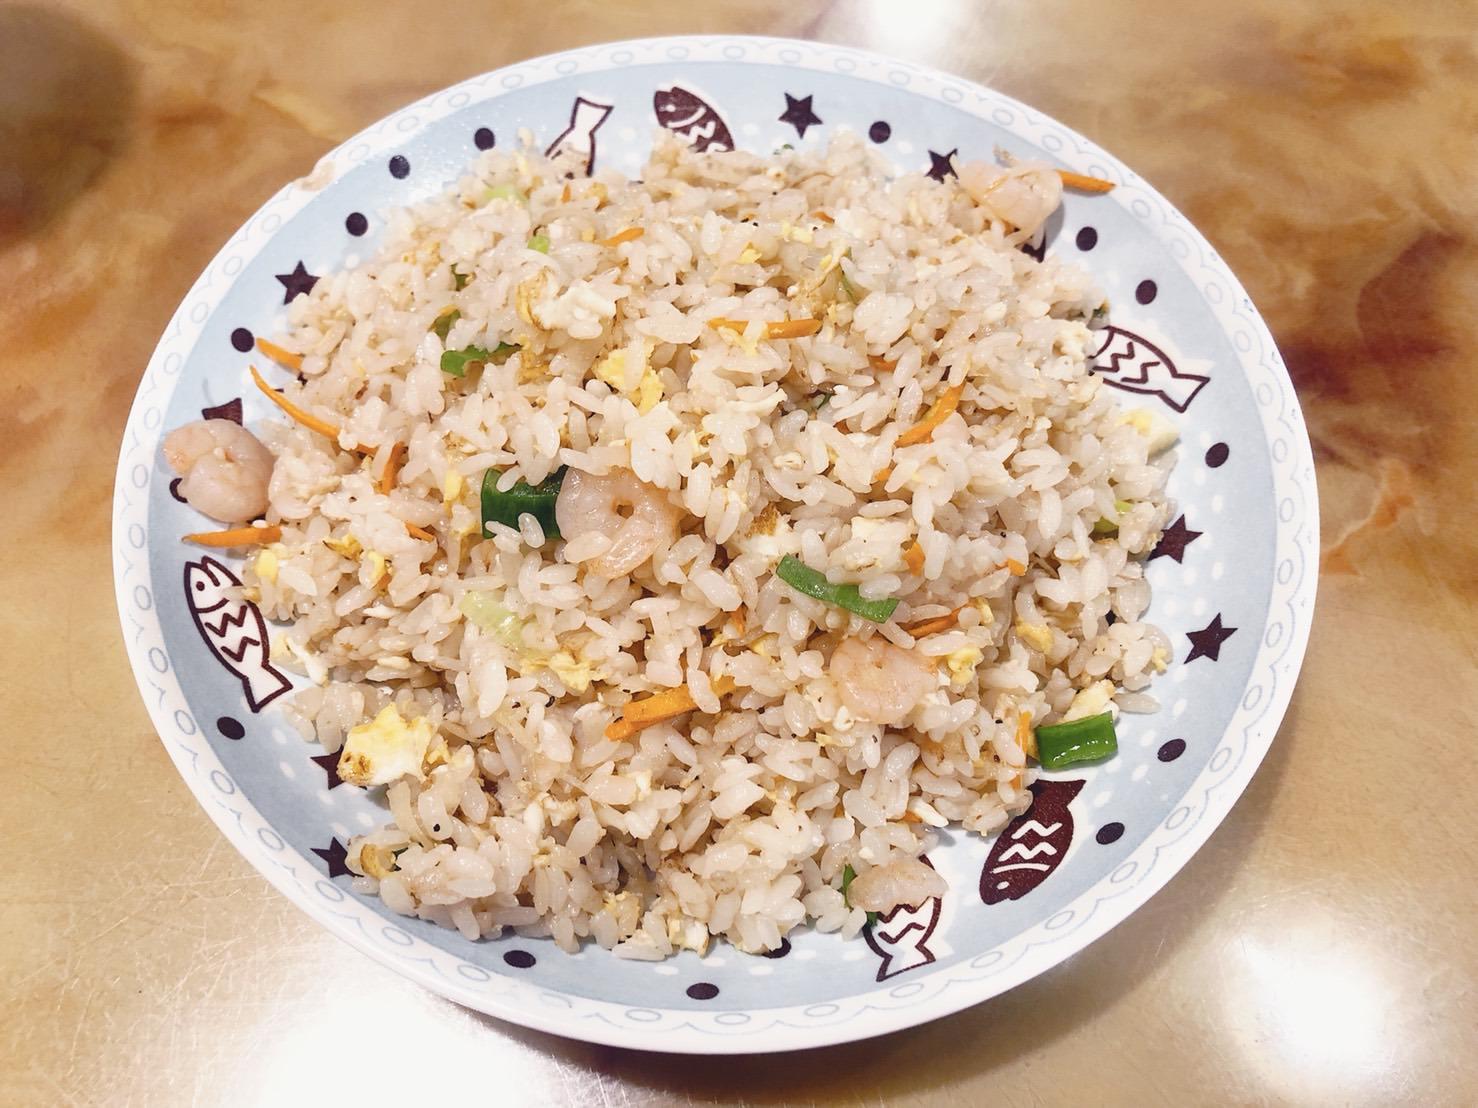 新豐美食|馥懋小吃-新豐最美味的金黃蛋炒飯